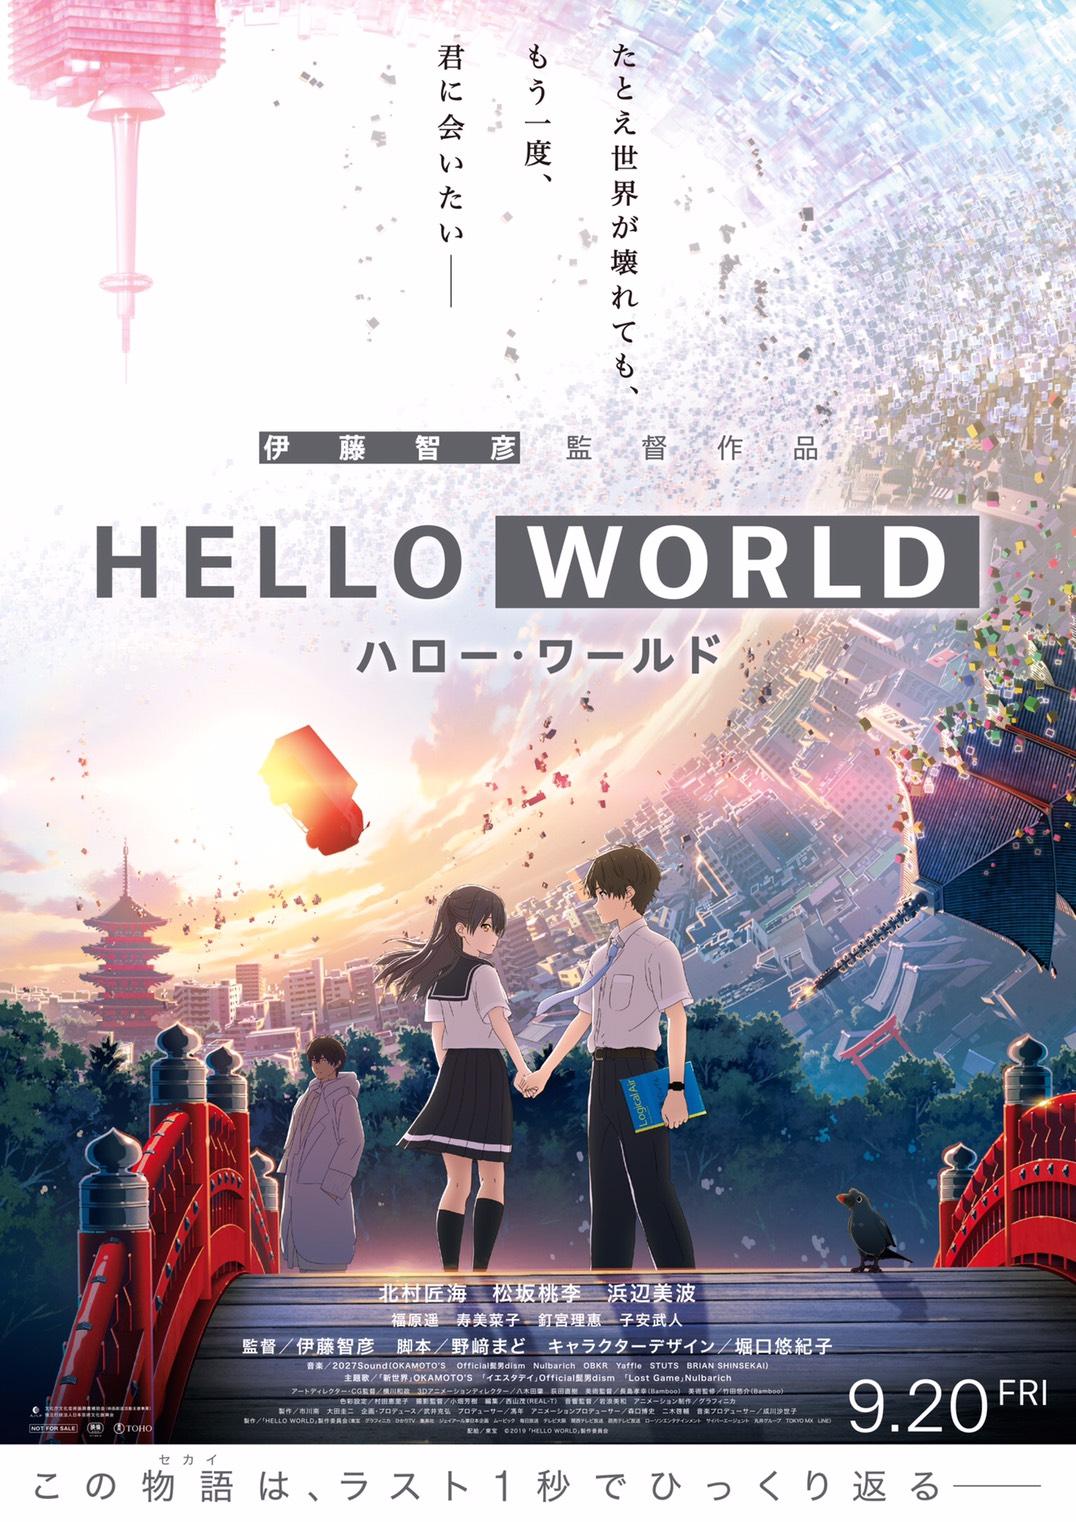 「HELLO WORLD」制作のグラフィニカに聞いた!映画と京都をつないだものとは?